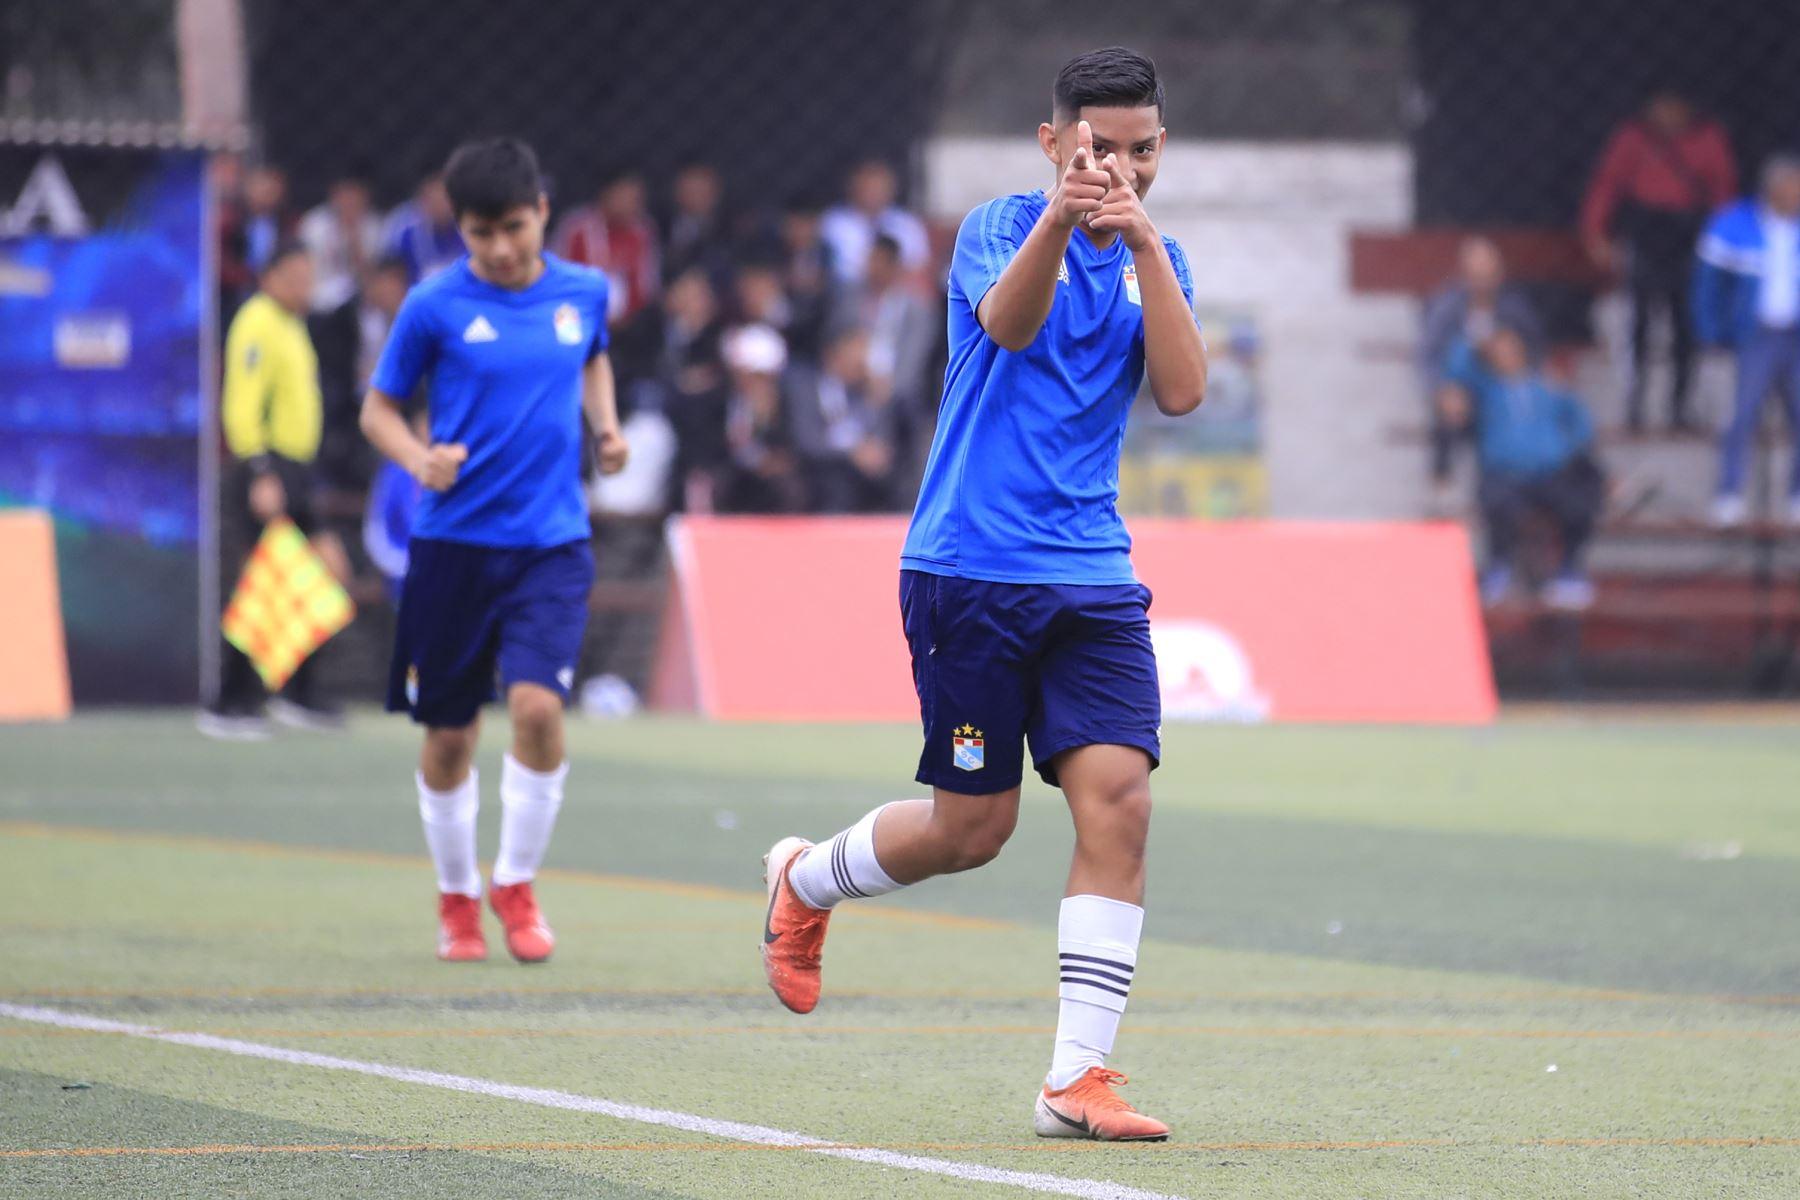 Angelo Vásquez de San Basilio (azul) celebra luego de anotar un gol durante el partido de fútbol por los Juegos Deportivos Escolares Nacionales en el Campo de Marte.   Foto: Andina/Juan Carlos Guzman Negrini